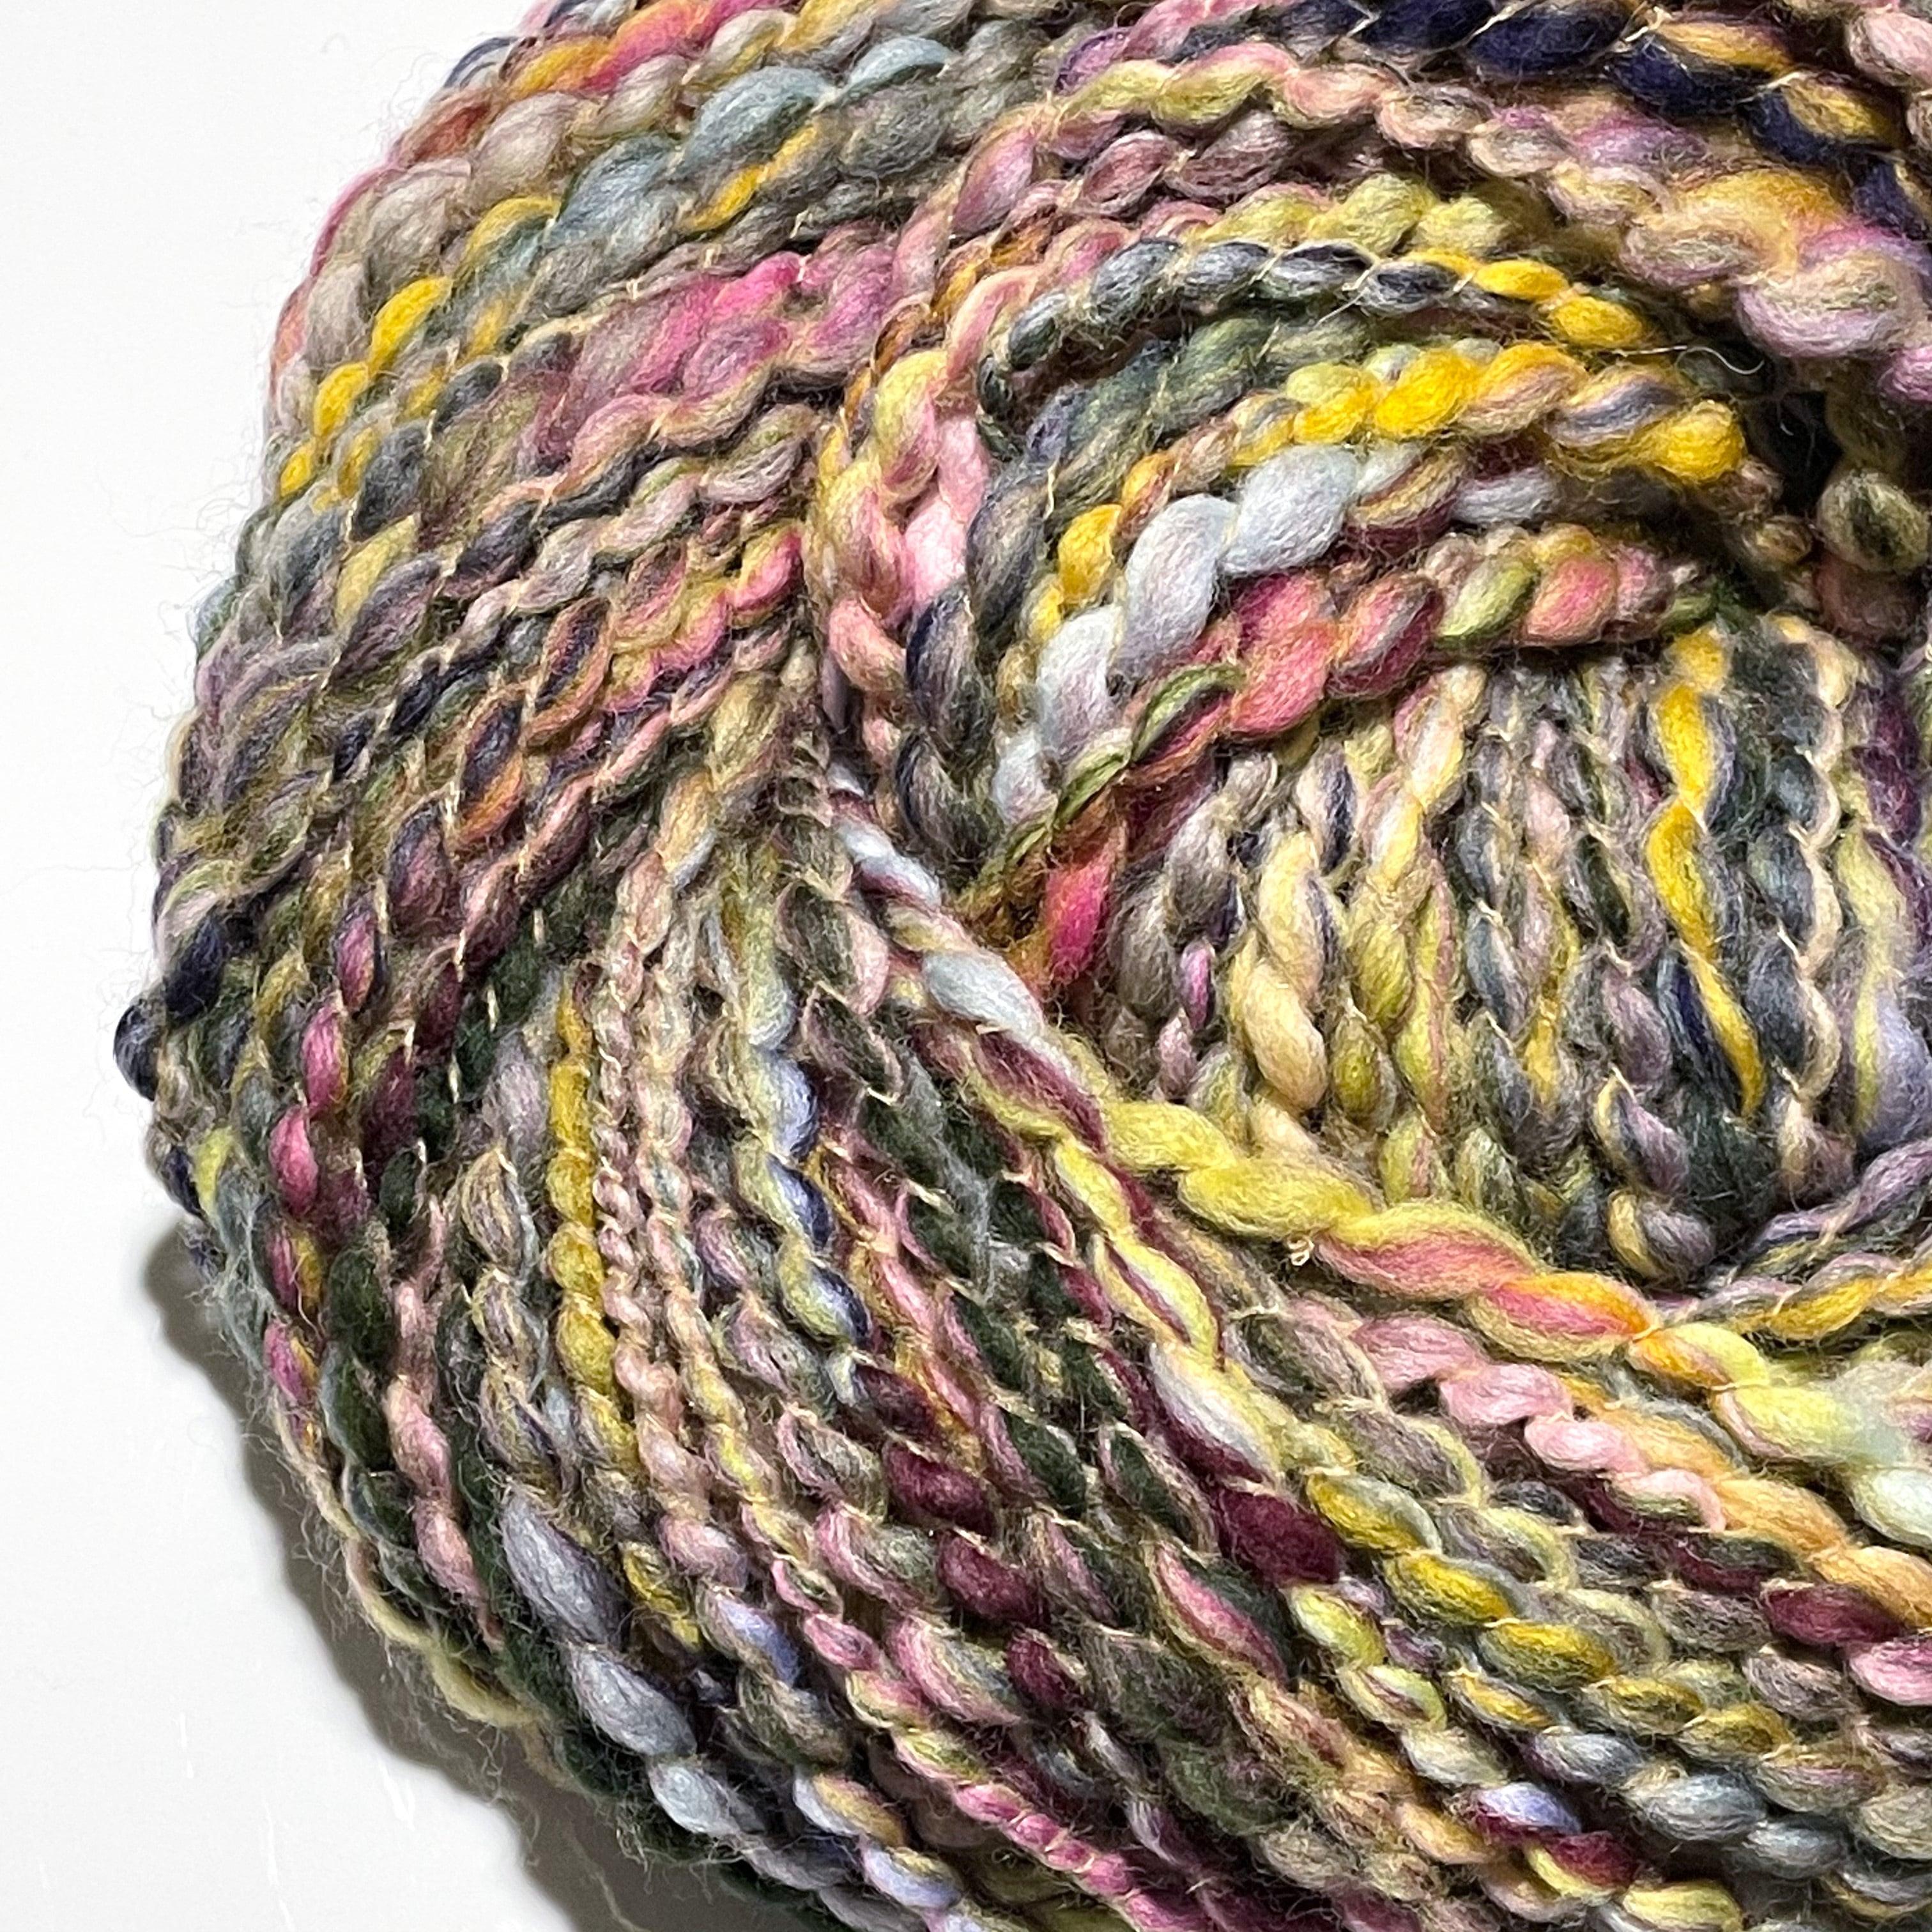 Wave yarn -No.4 / 50g-